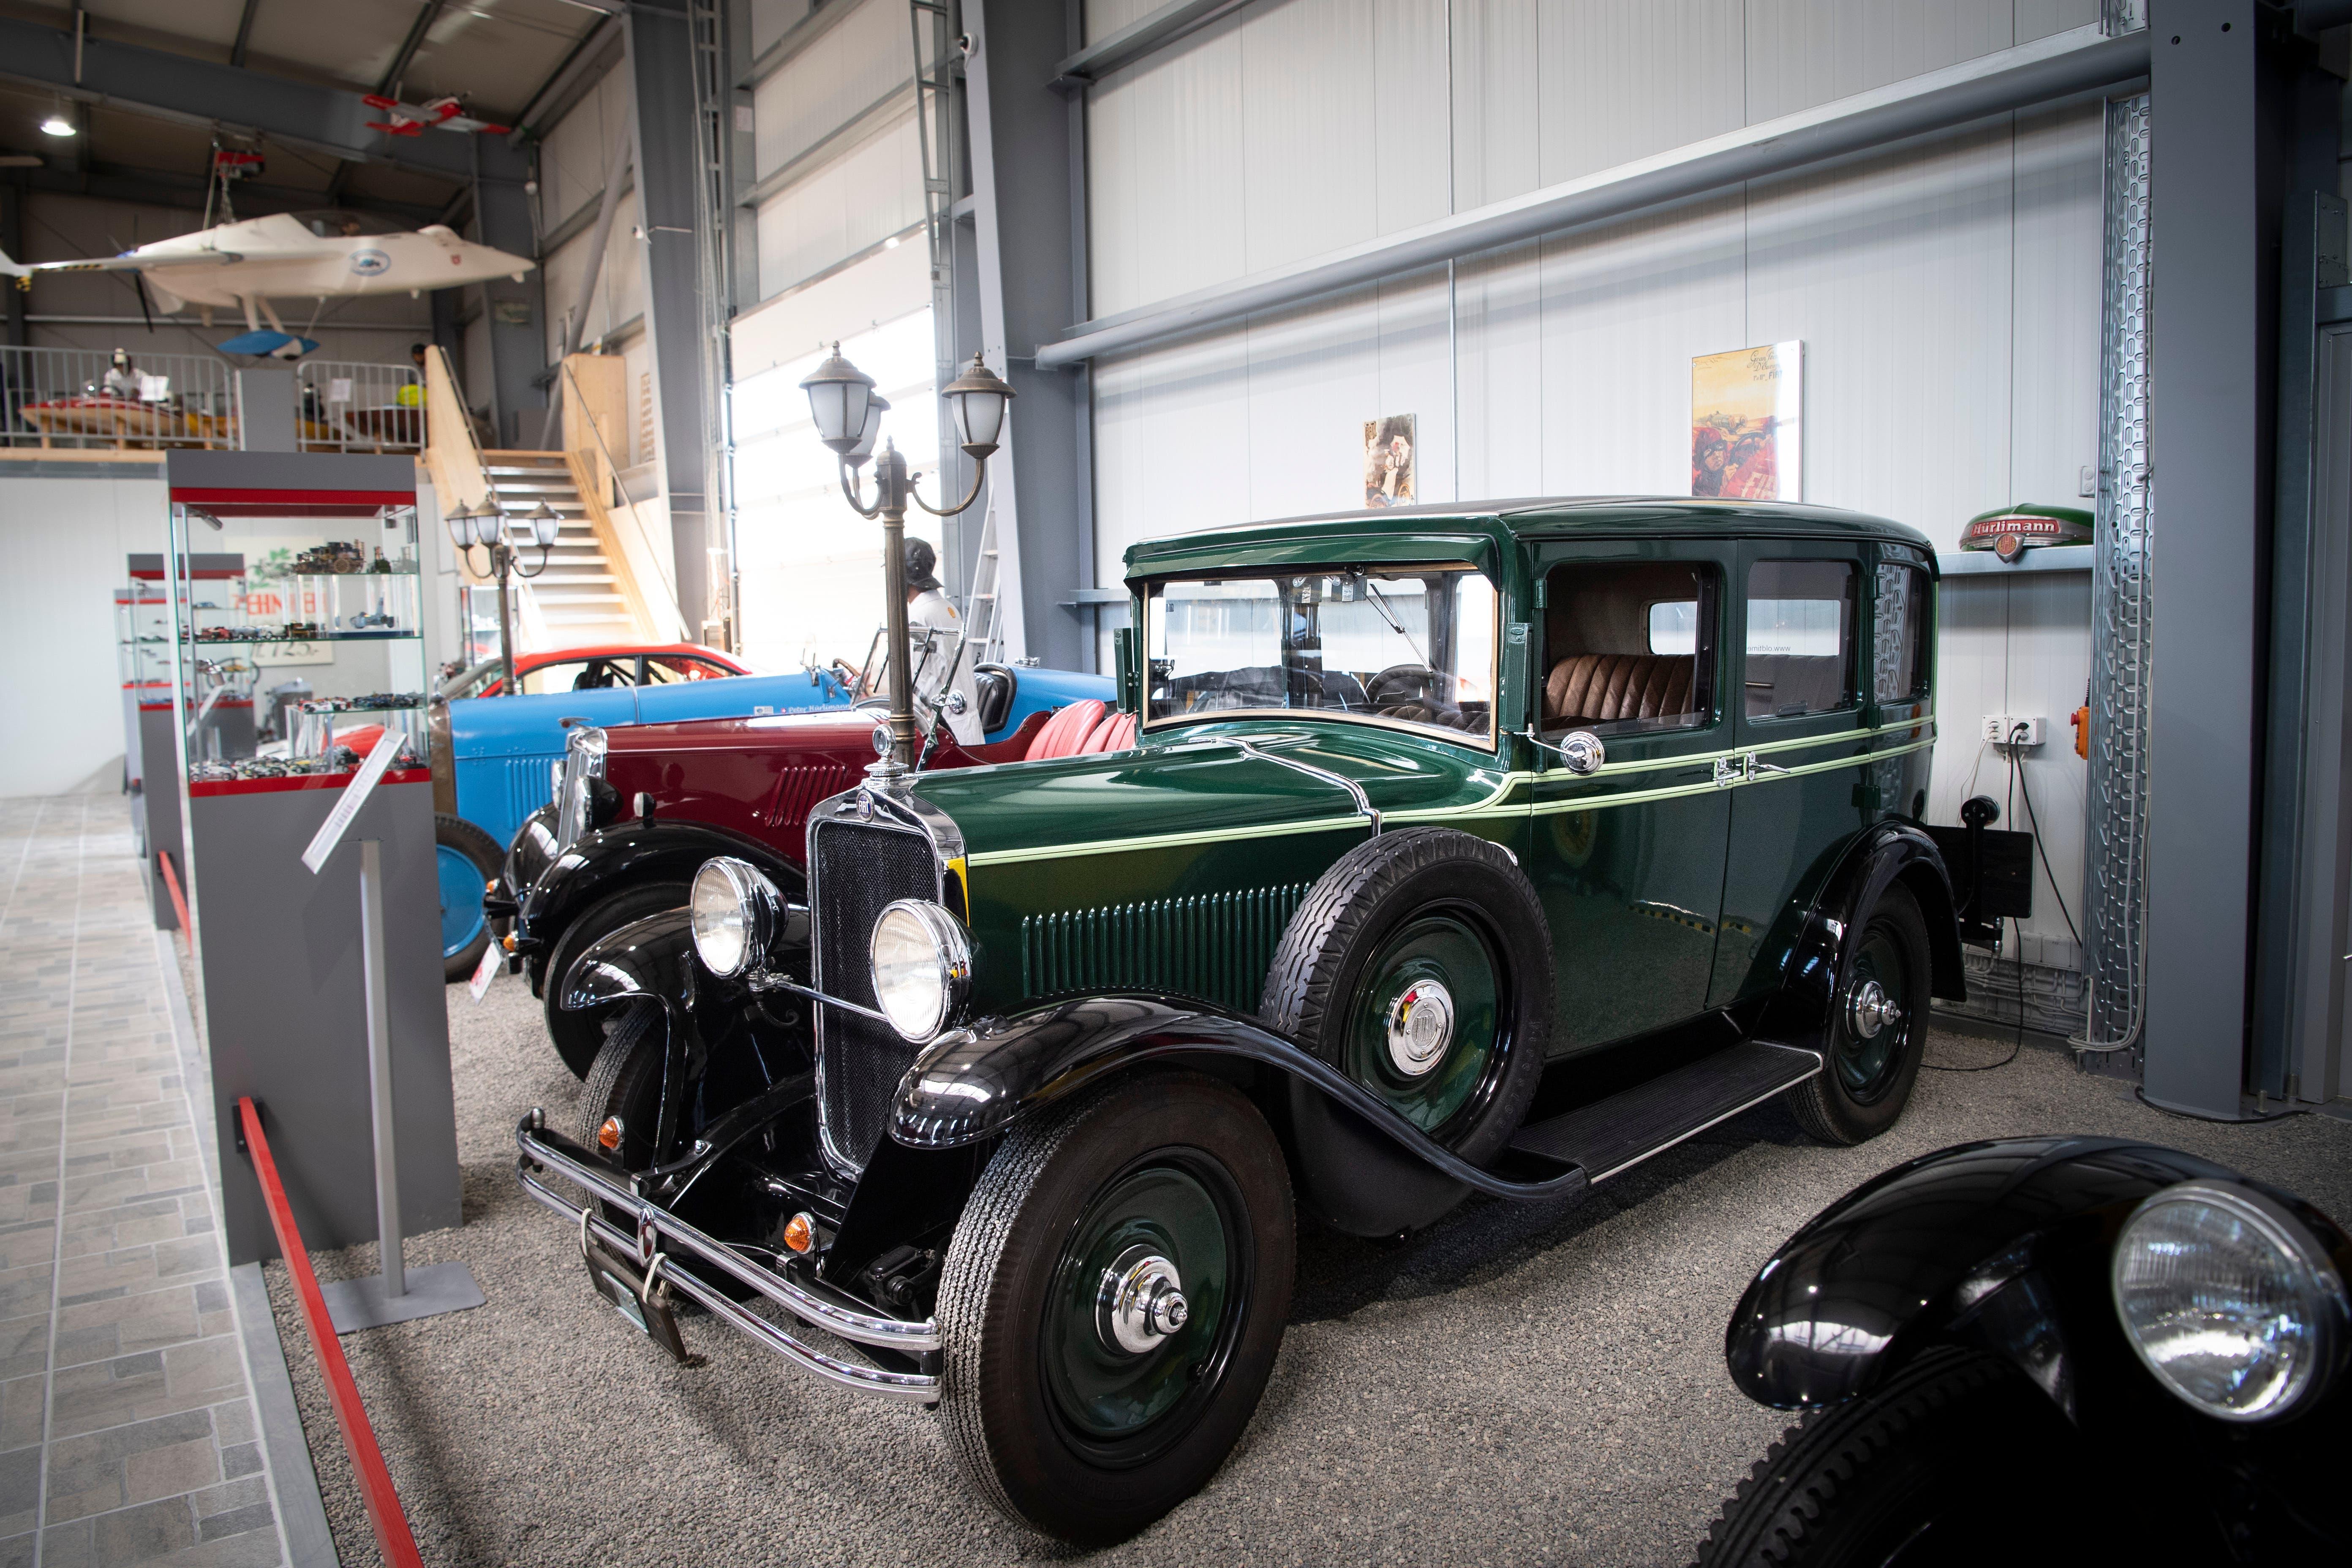 Ungefähr ein Jahr: So lange dauere die Restauration eines Fahrzeuges im Durchschnitt.